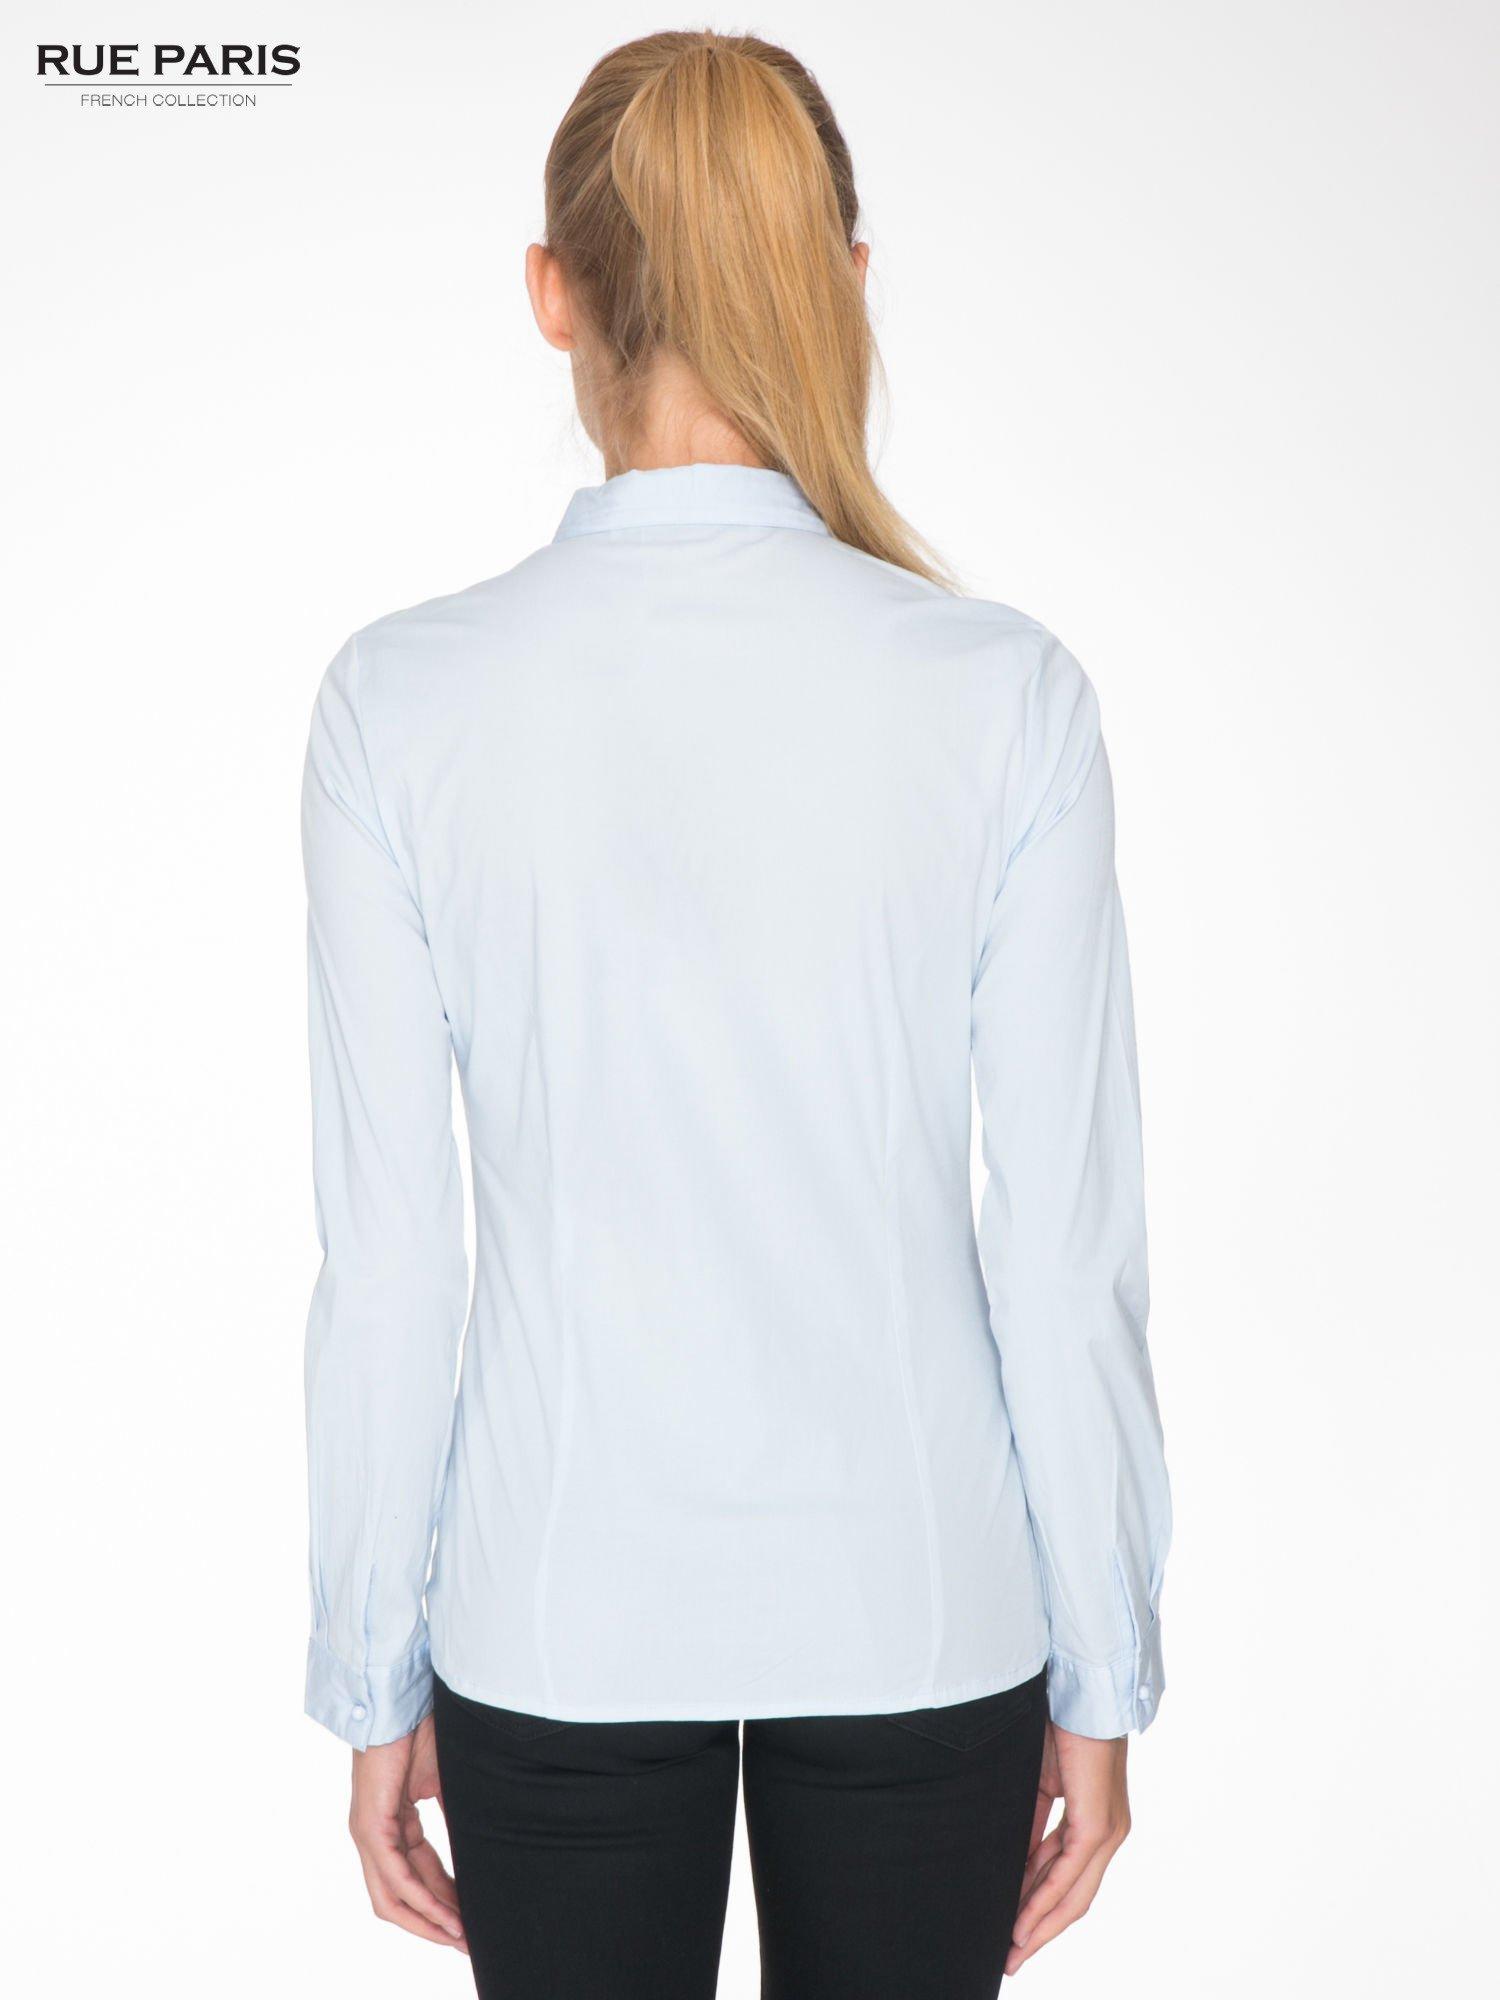 Jasnoniebieska koszula damska z ozdobną listwą                                  zdj.                                  4